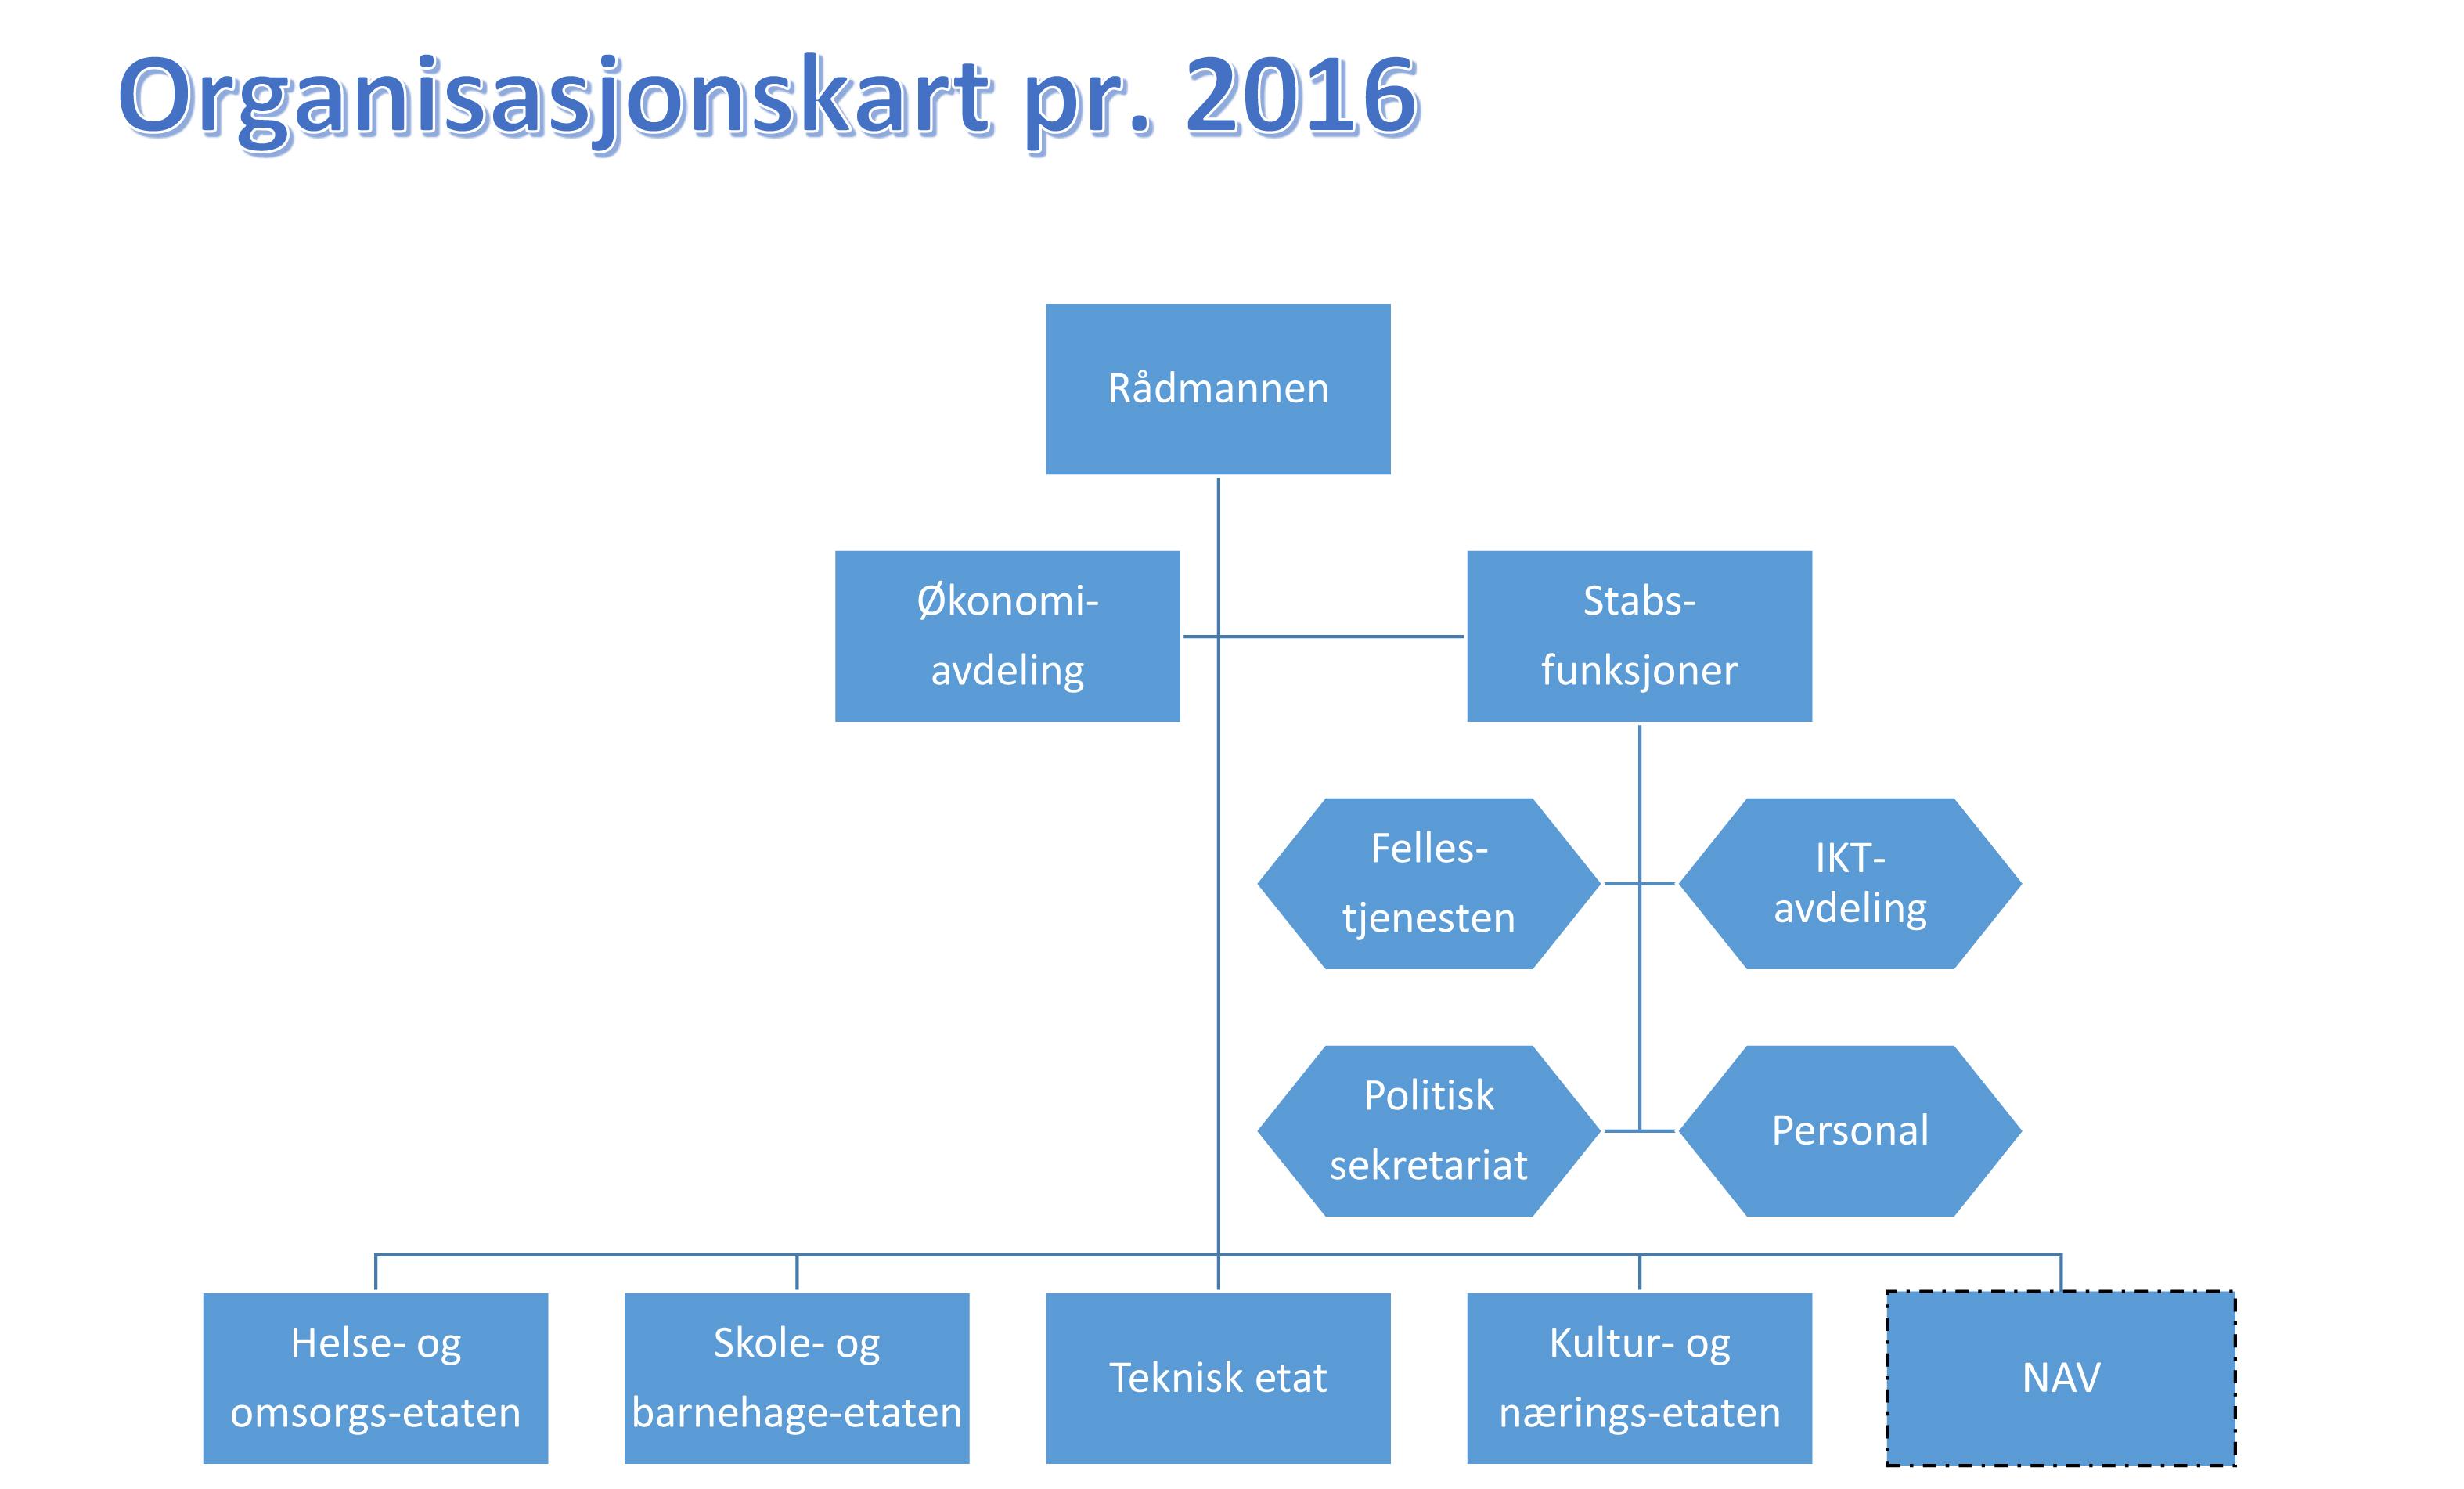 Organisasjonskart 2016 kopiera.jpg